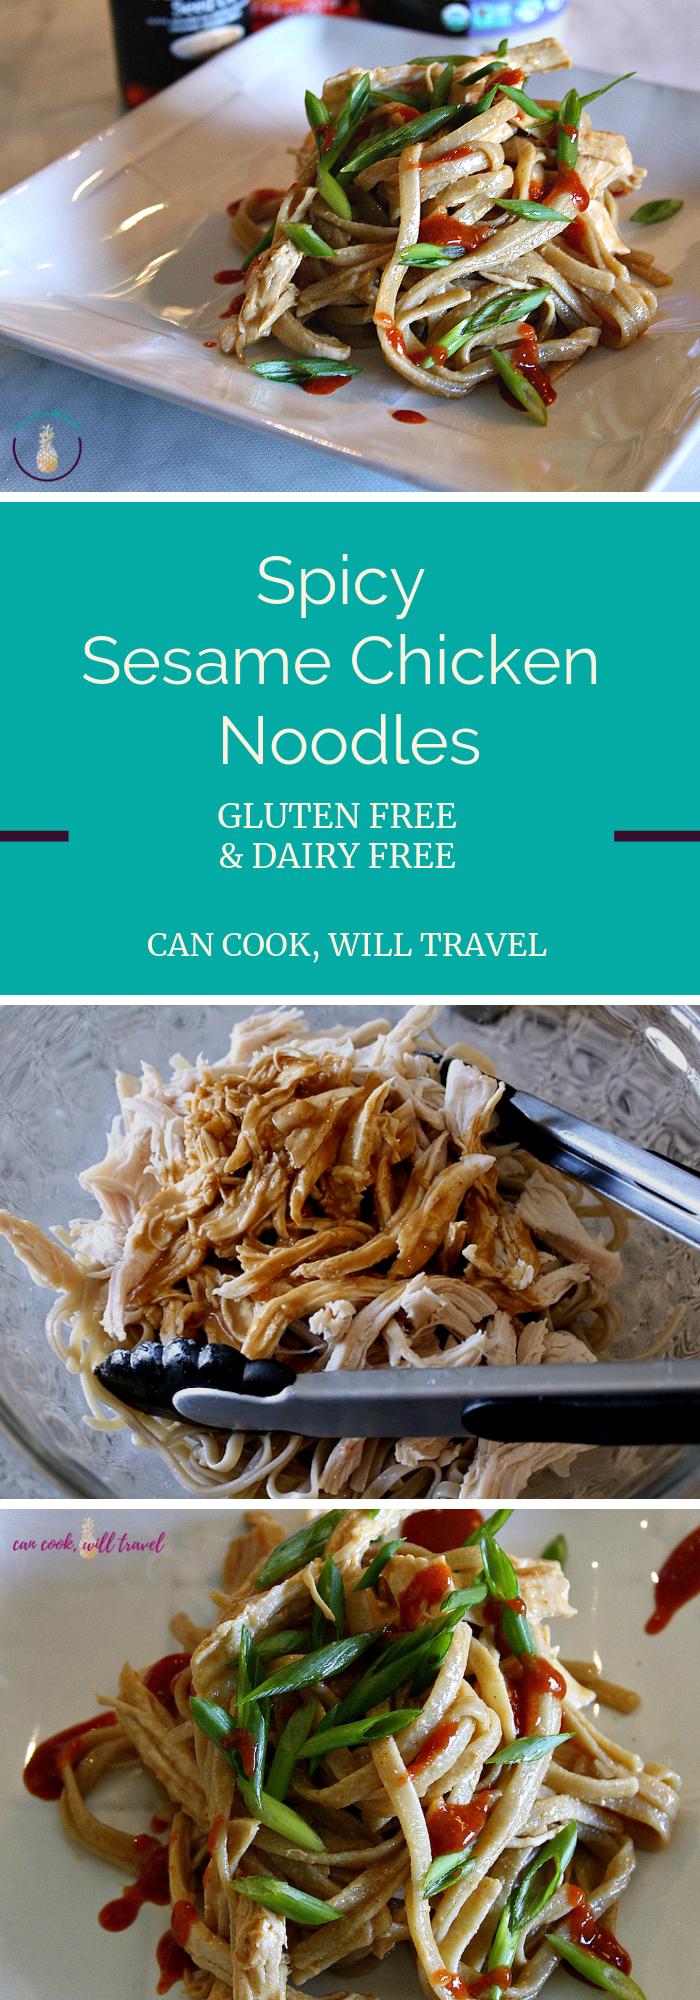 Spicy Sesame Chicken Noodles_Collage2